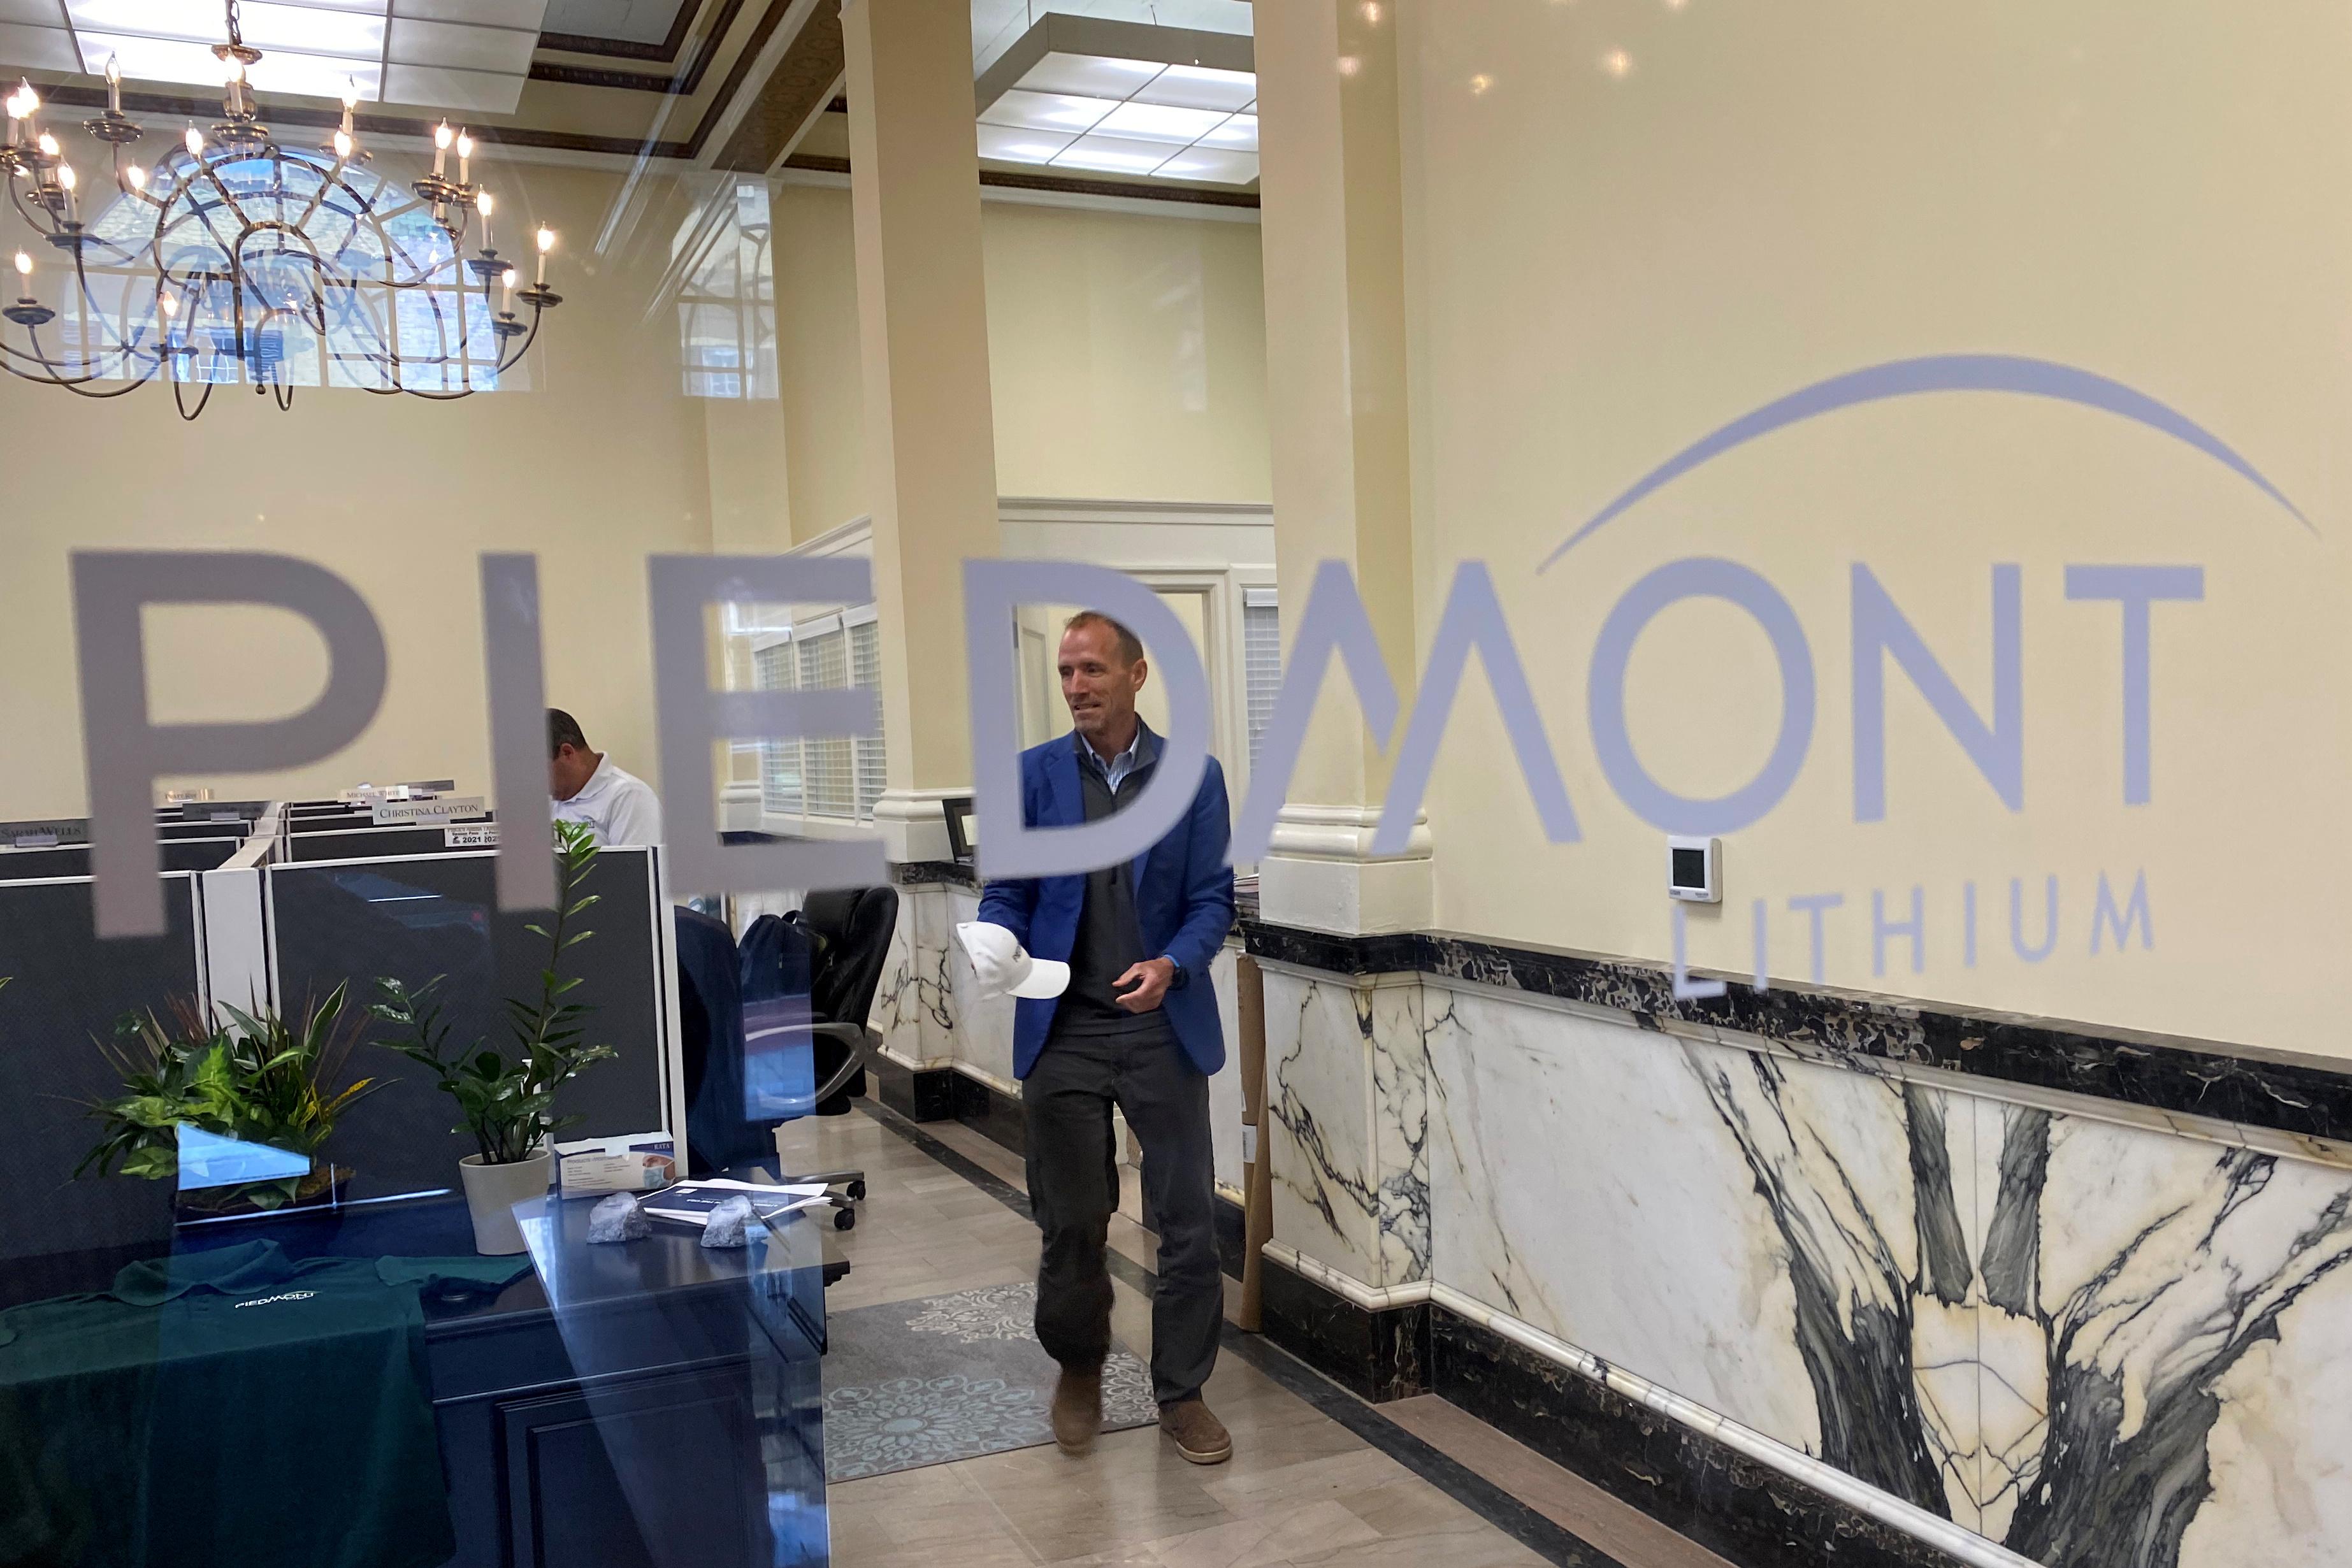 Piedmont Lithium's headquarters is seen in Belmont, Gaston County, North Carolina, U.S., July 16, 2021. REUTERS/Ernest Scheyder